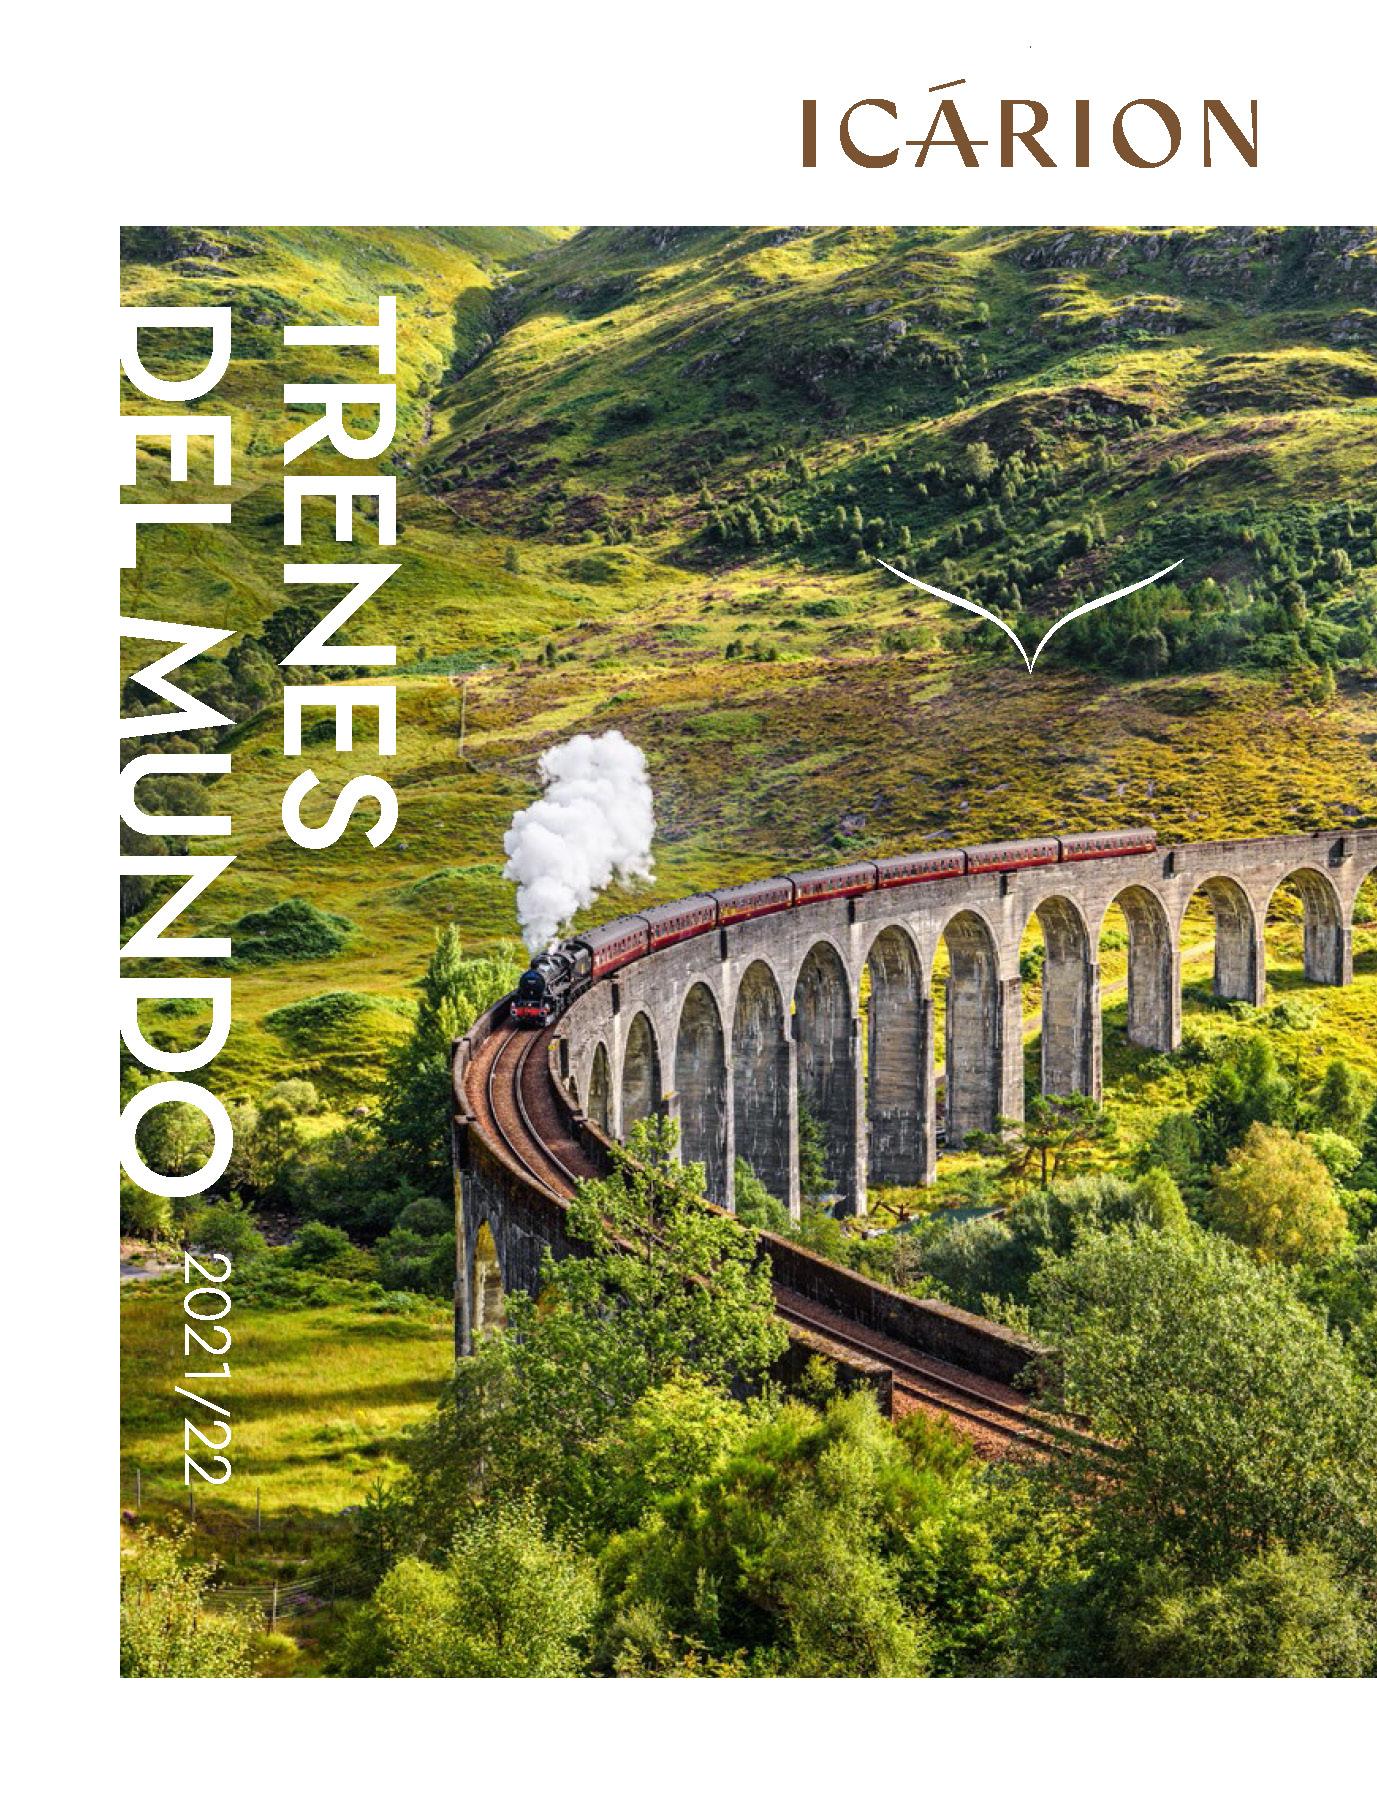 Catalogo Icarion Trenes del Mundo 2021-2022